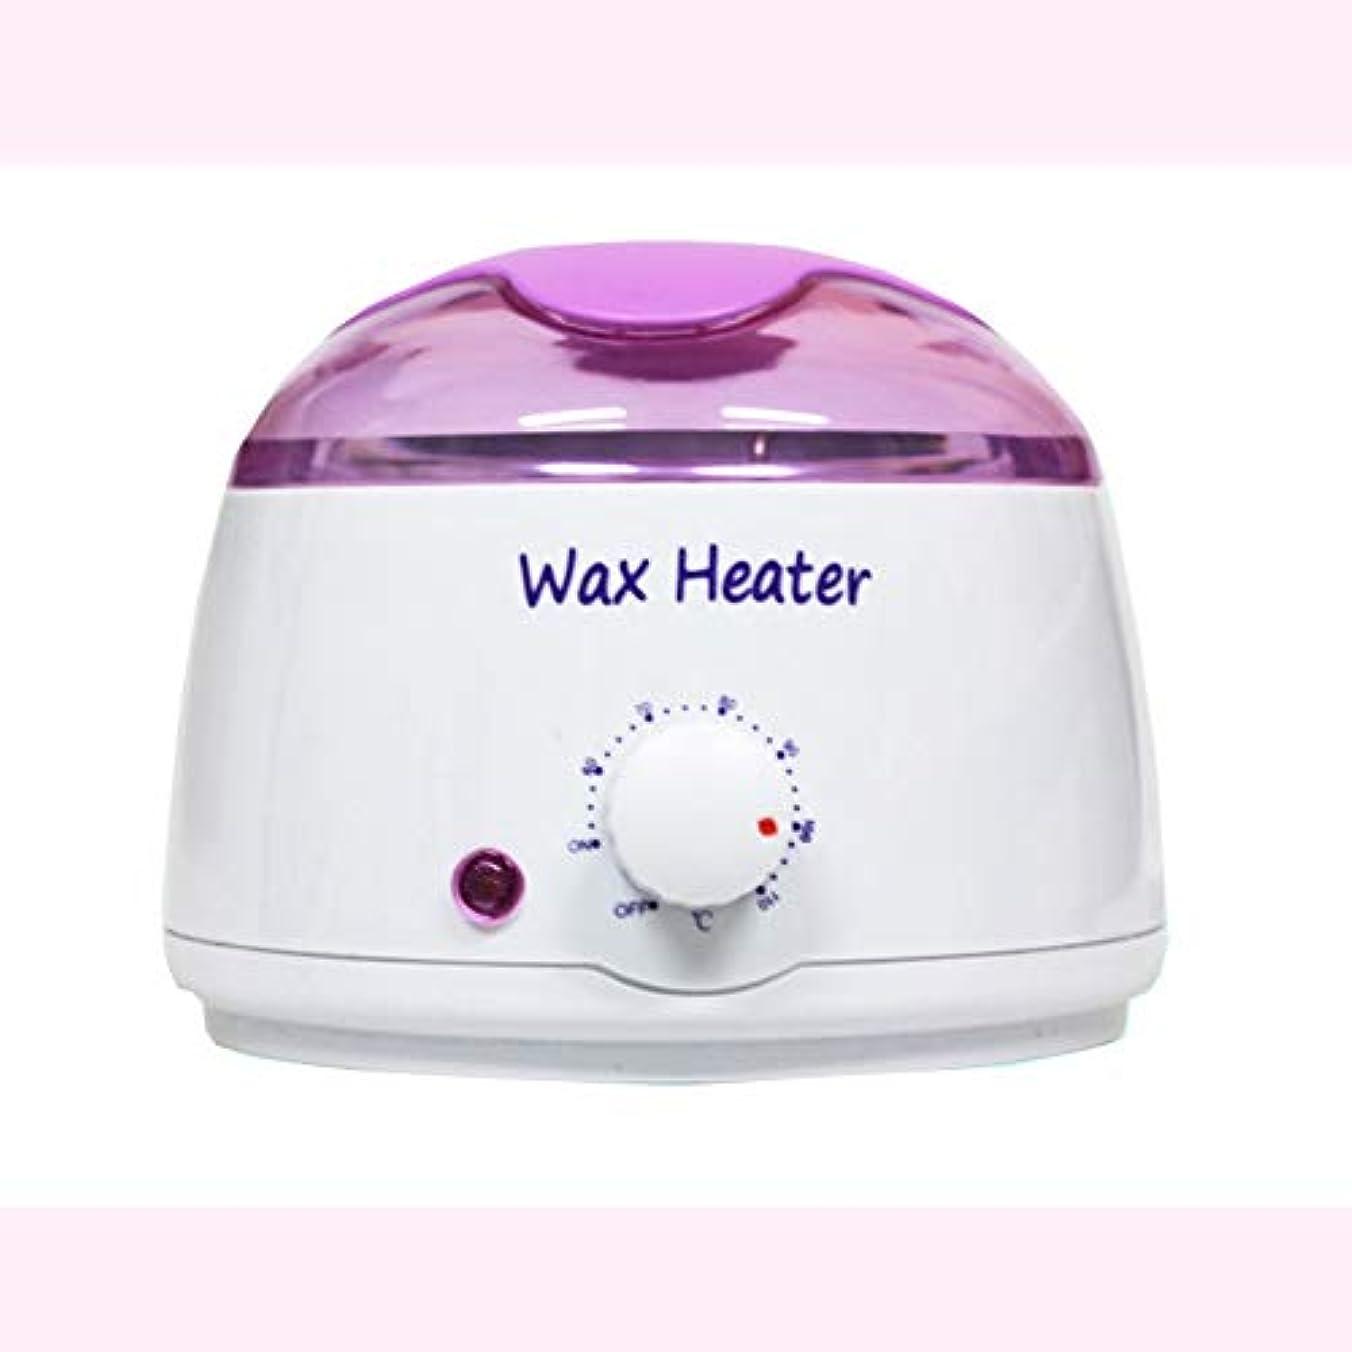 外出薄暗い運動する専門の電気ワックスのウォーマーおよびヒーター、女性/人のための毛の取り外しの家のワックスのためのワックスのメルターは小型多機能のワックス機械を熱します